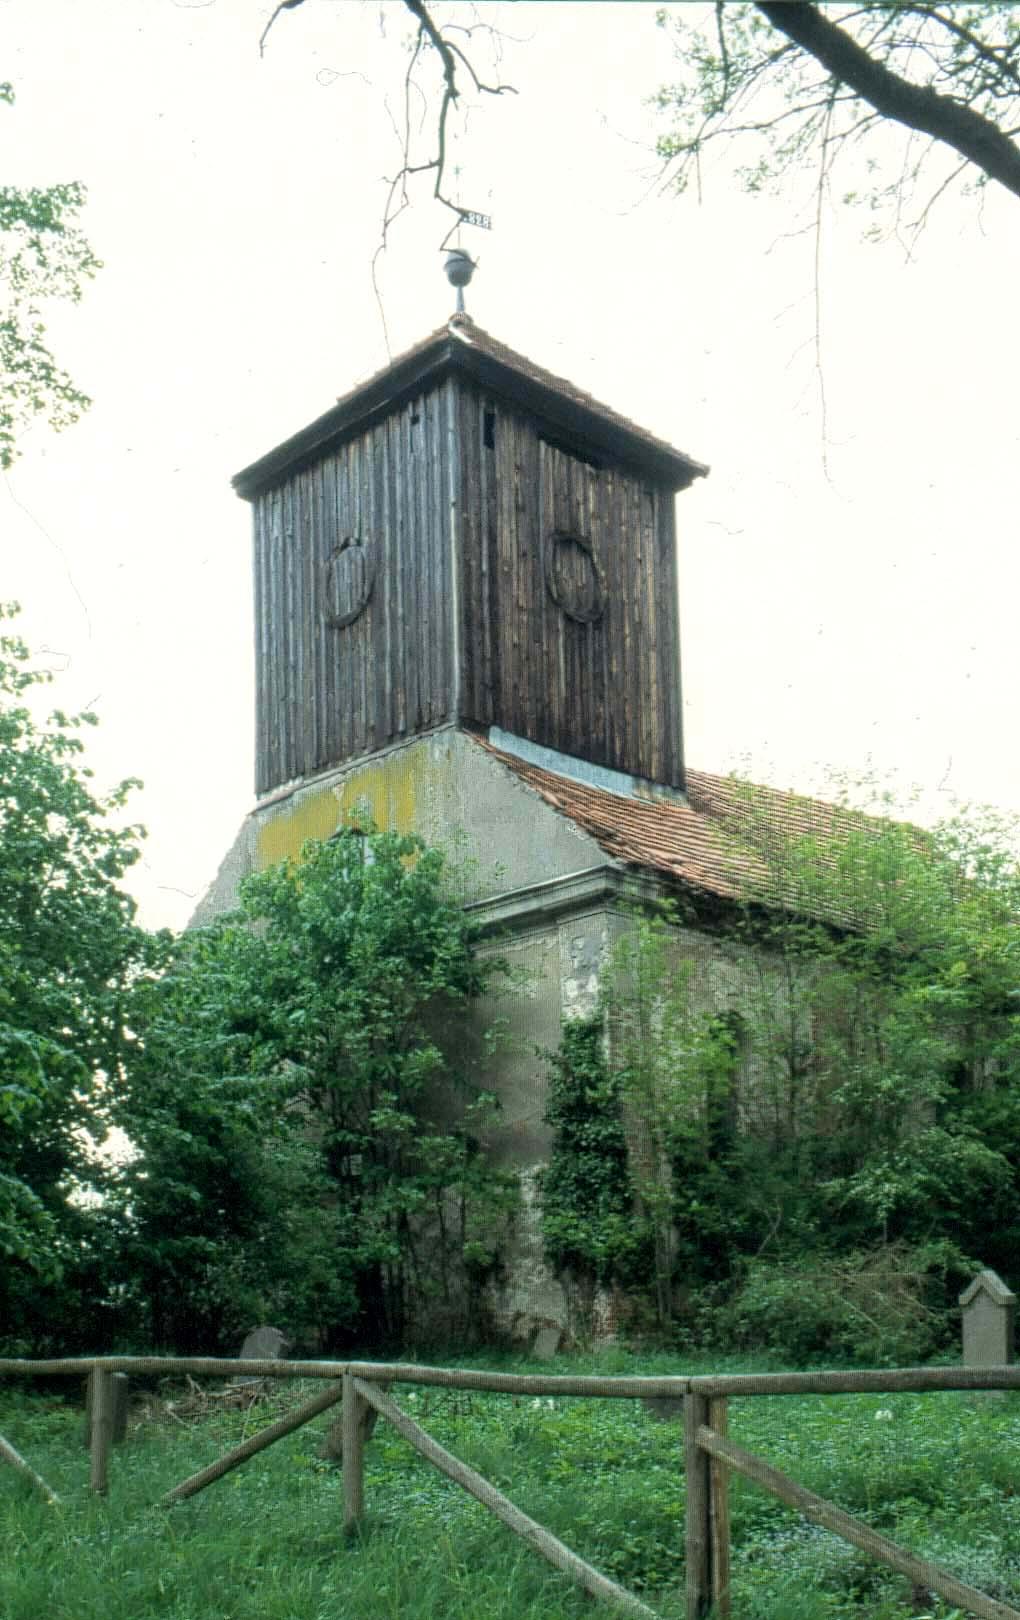 Die Kirche von Küstrinchen schien schon vergessen worden zu sein